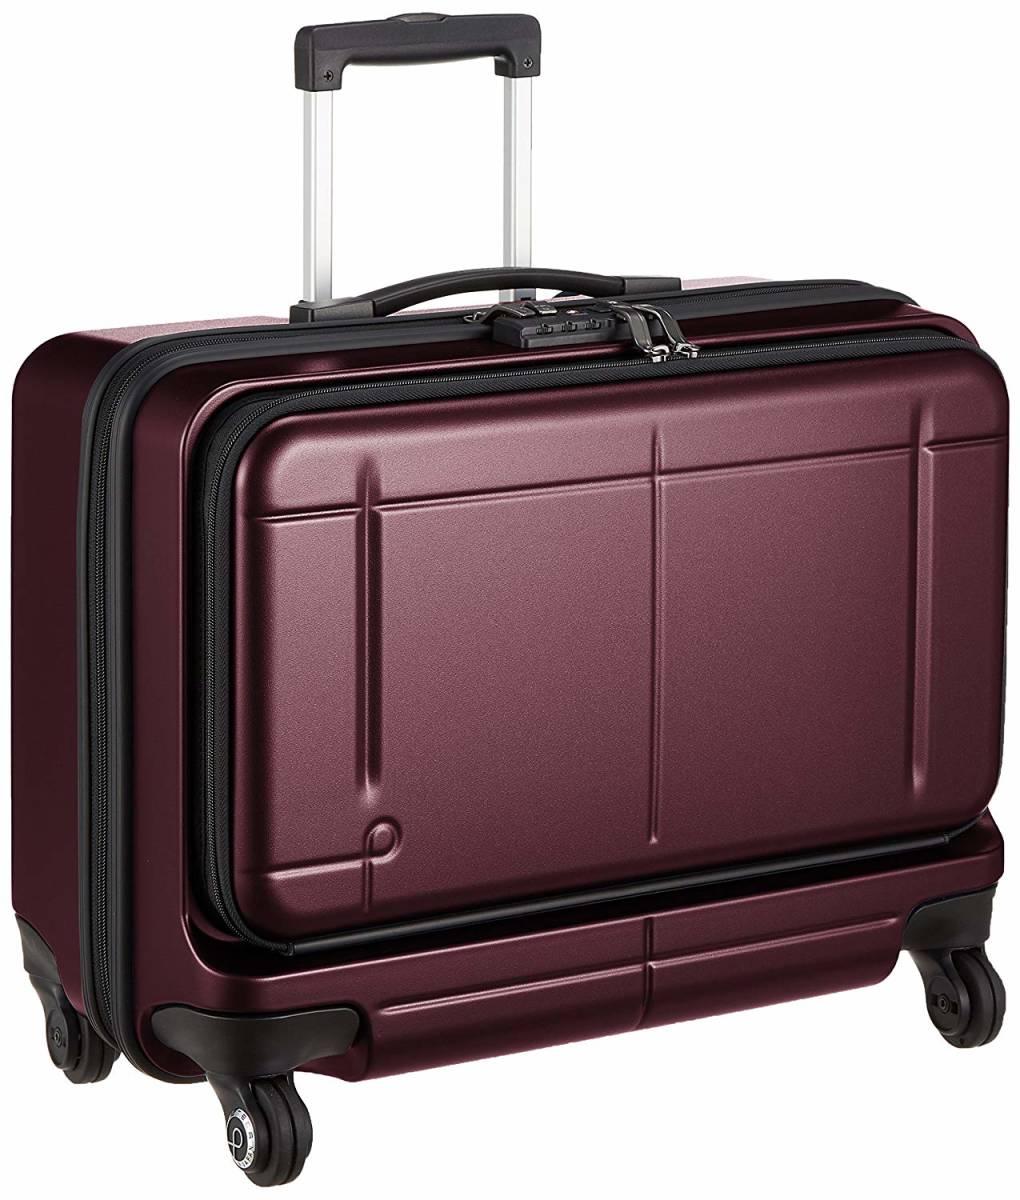 新品 Proteca(プロテカ) スーツケース 日本製 マックスパスビズ 37L 49cm 4kg